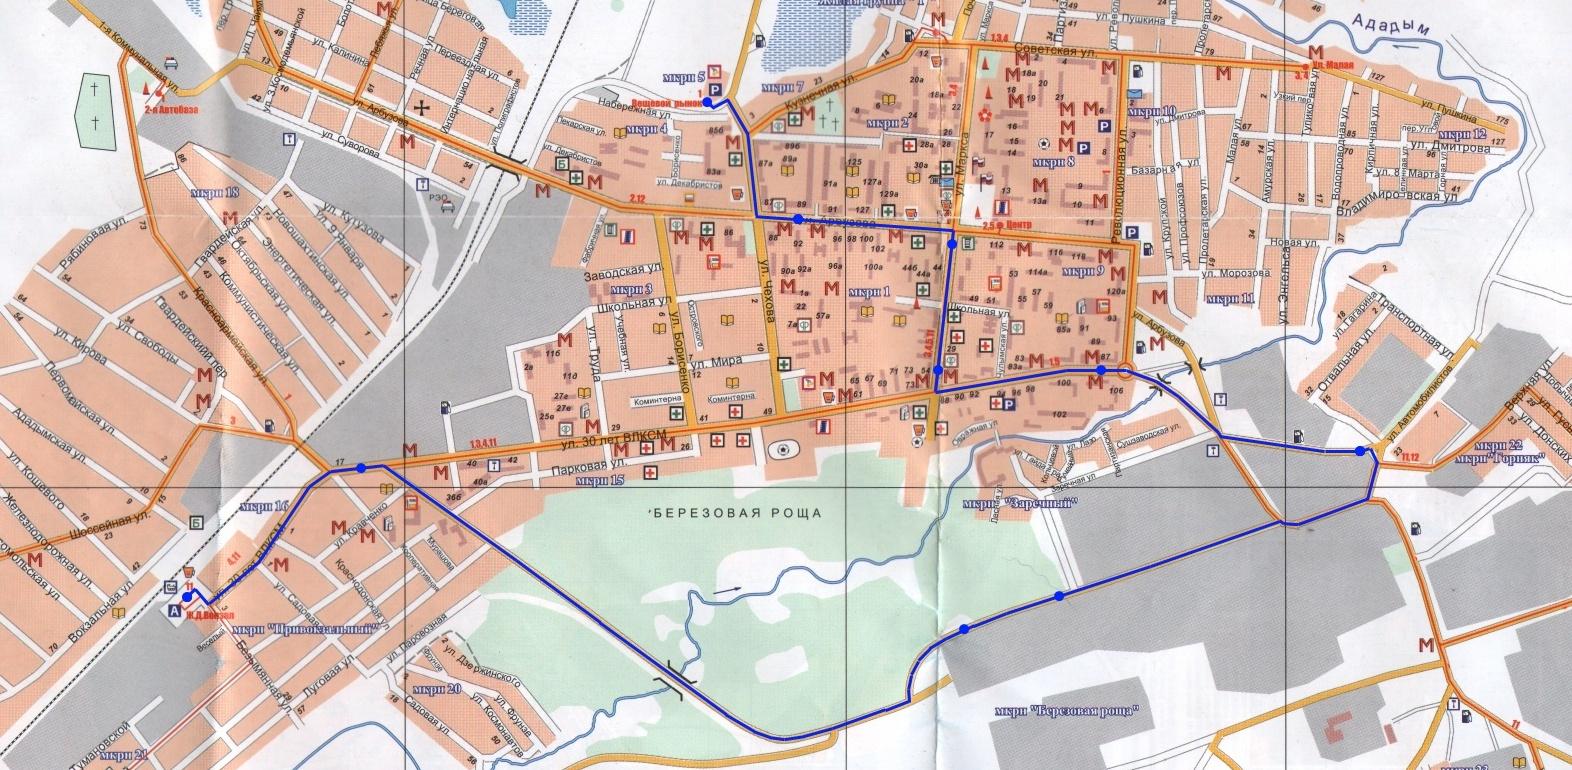 """Схема маршрута №6 """"Вещевой рынок-ул.Березовая роща-ж/д вокзал"""""""